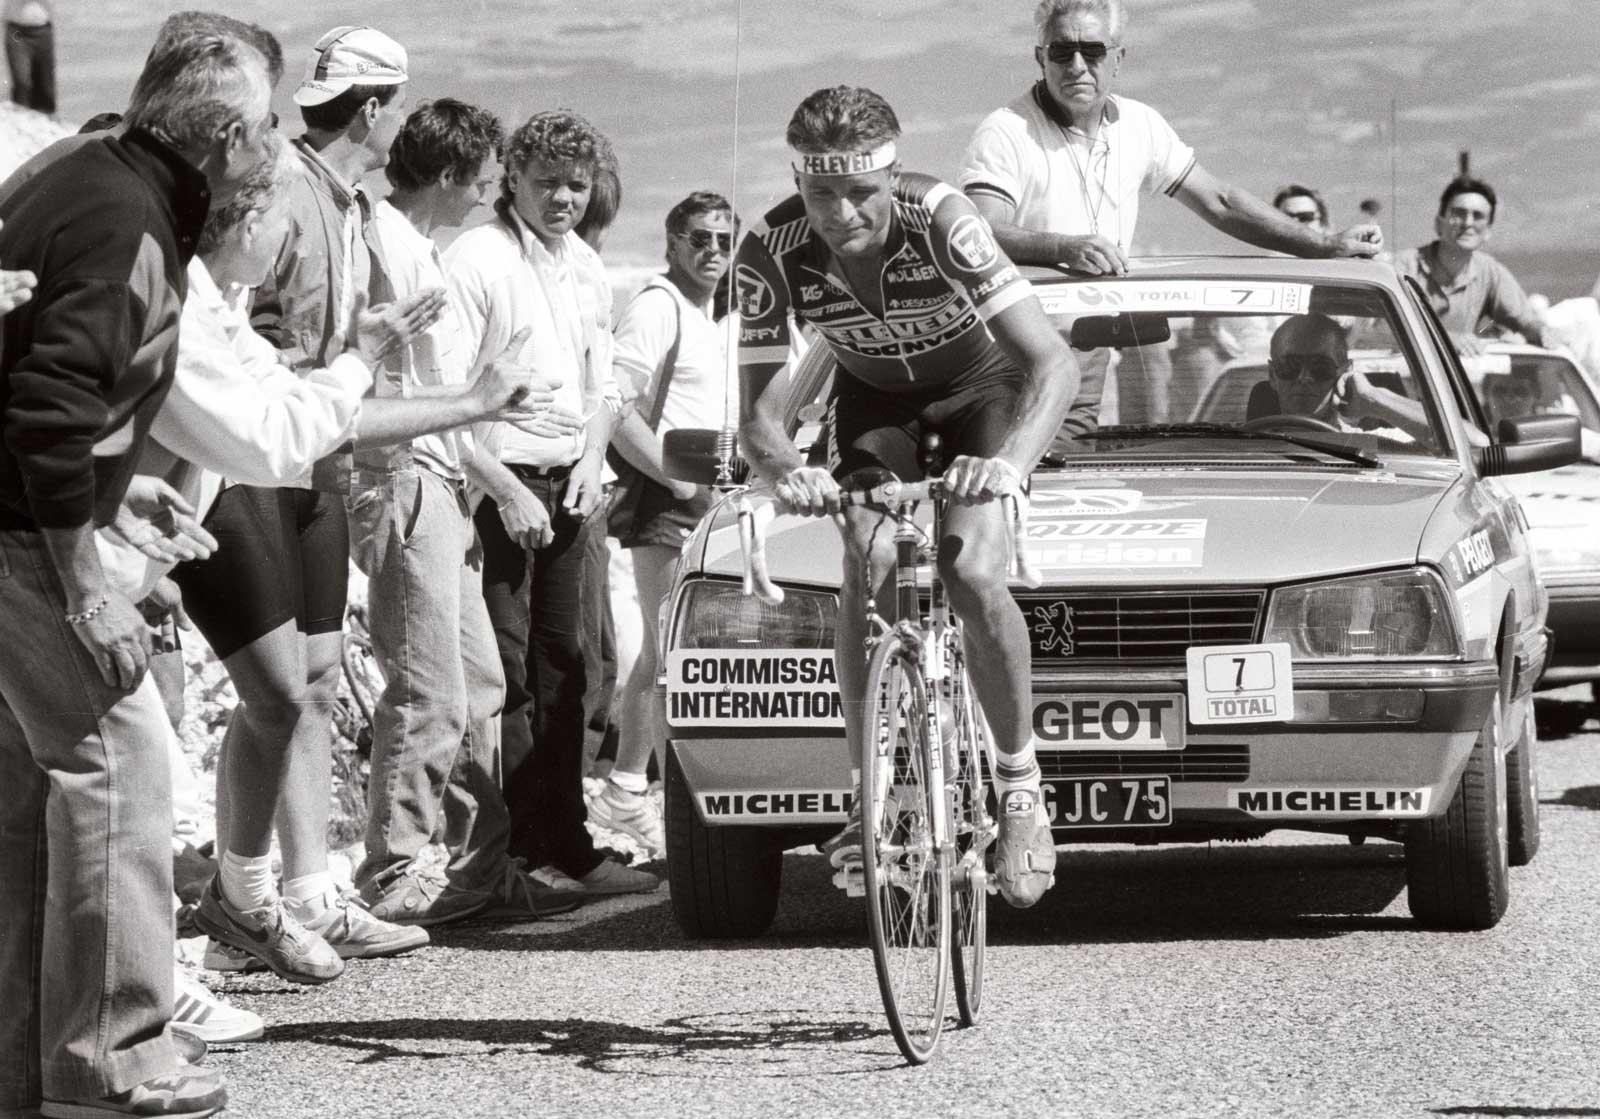 Kjekkas: Dag Otto Lauritzen var høyt og lavt under Tour de France 1987. At han plutselig var ute av sammendraget, gav ham muligheten til å vinne en etappeseier senere. Begge foto: Cor Vos.